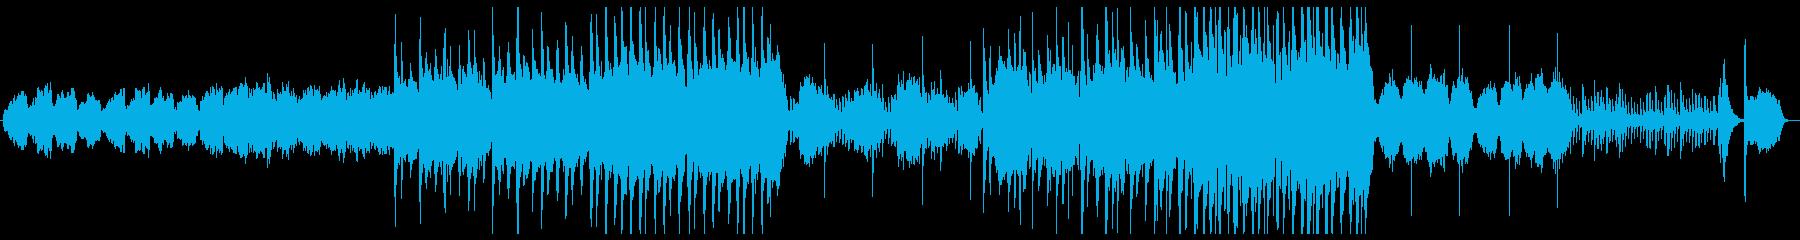 ゆったりと壮大な和風曲の再生済みの波形